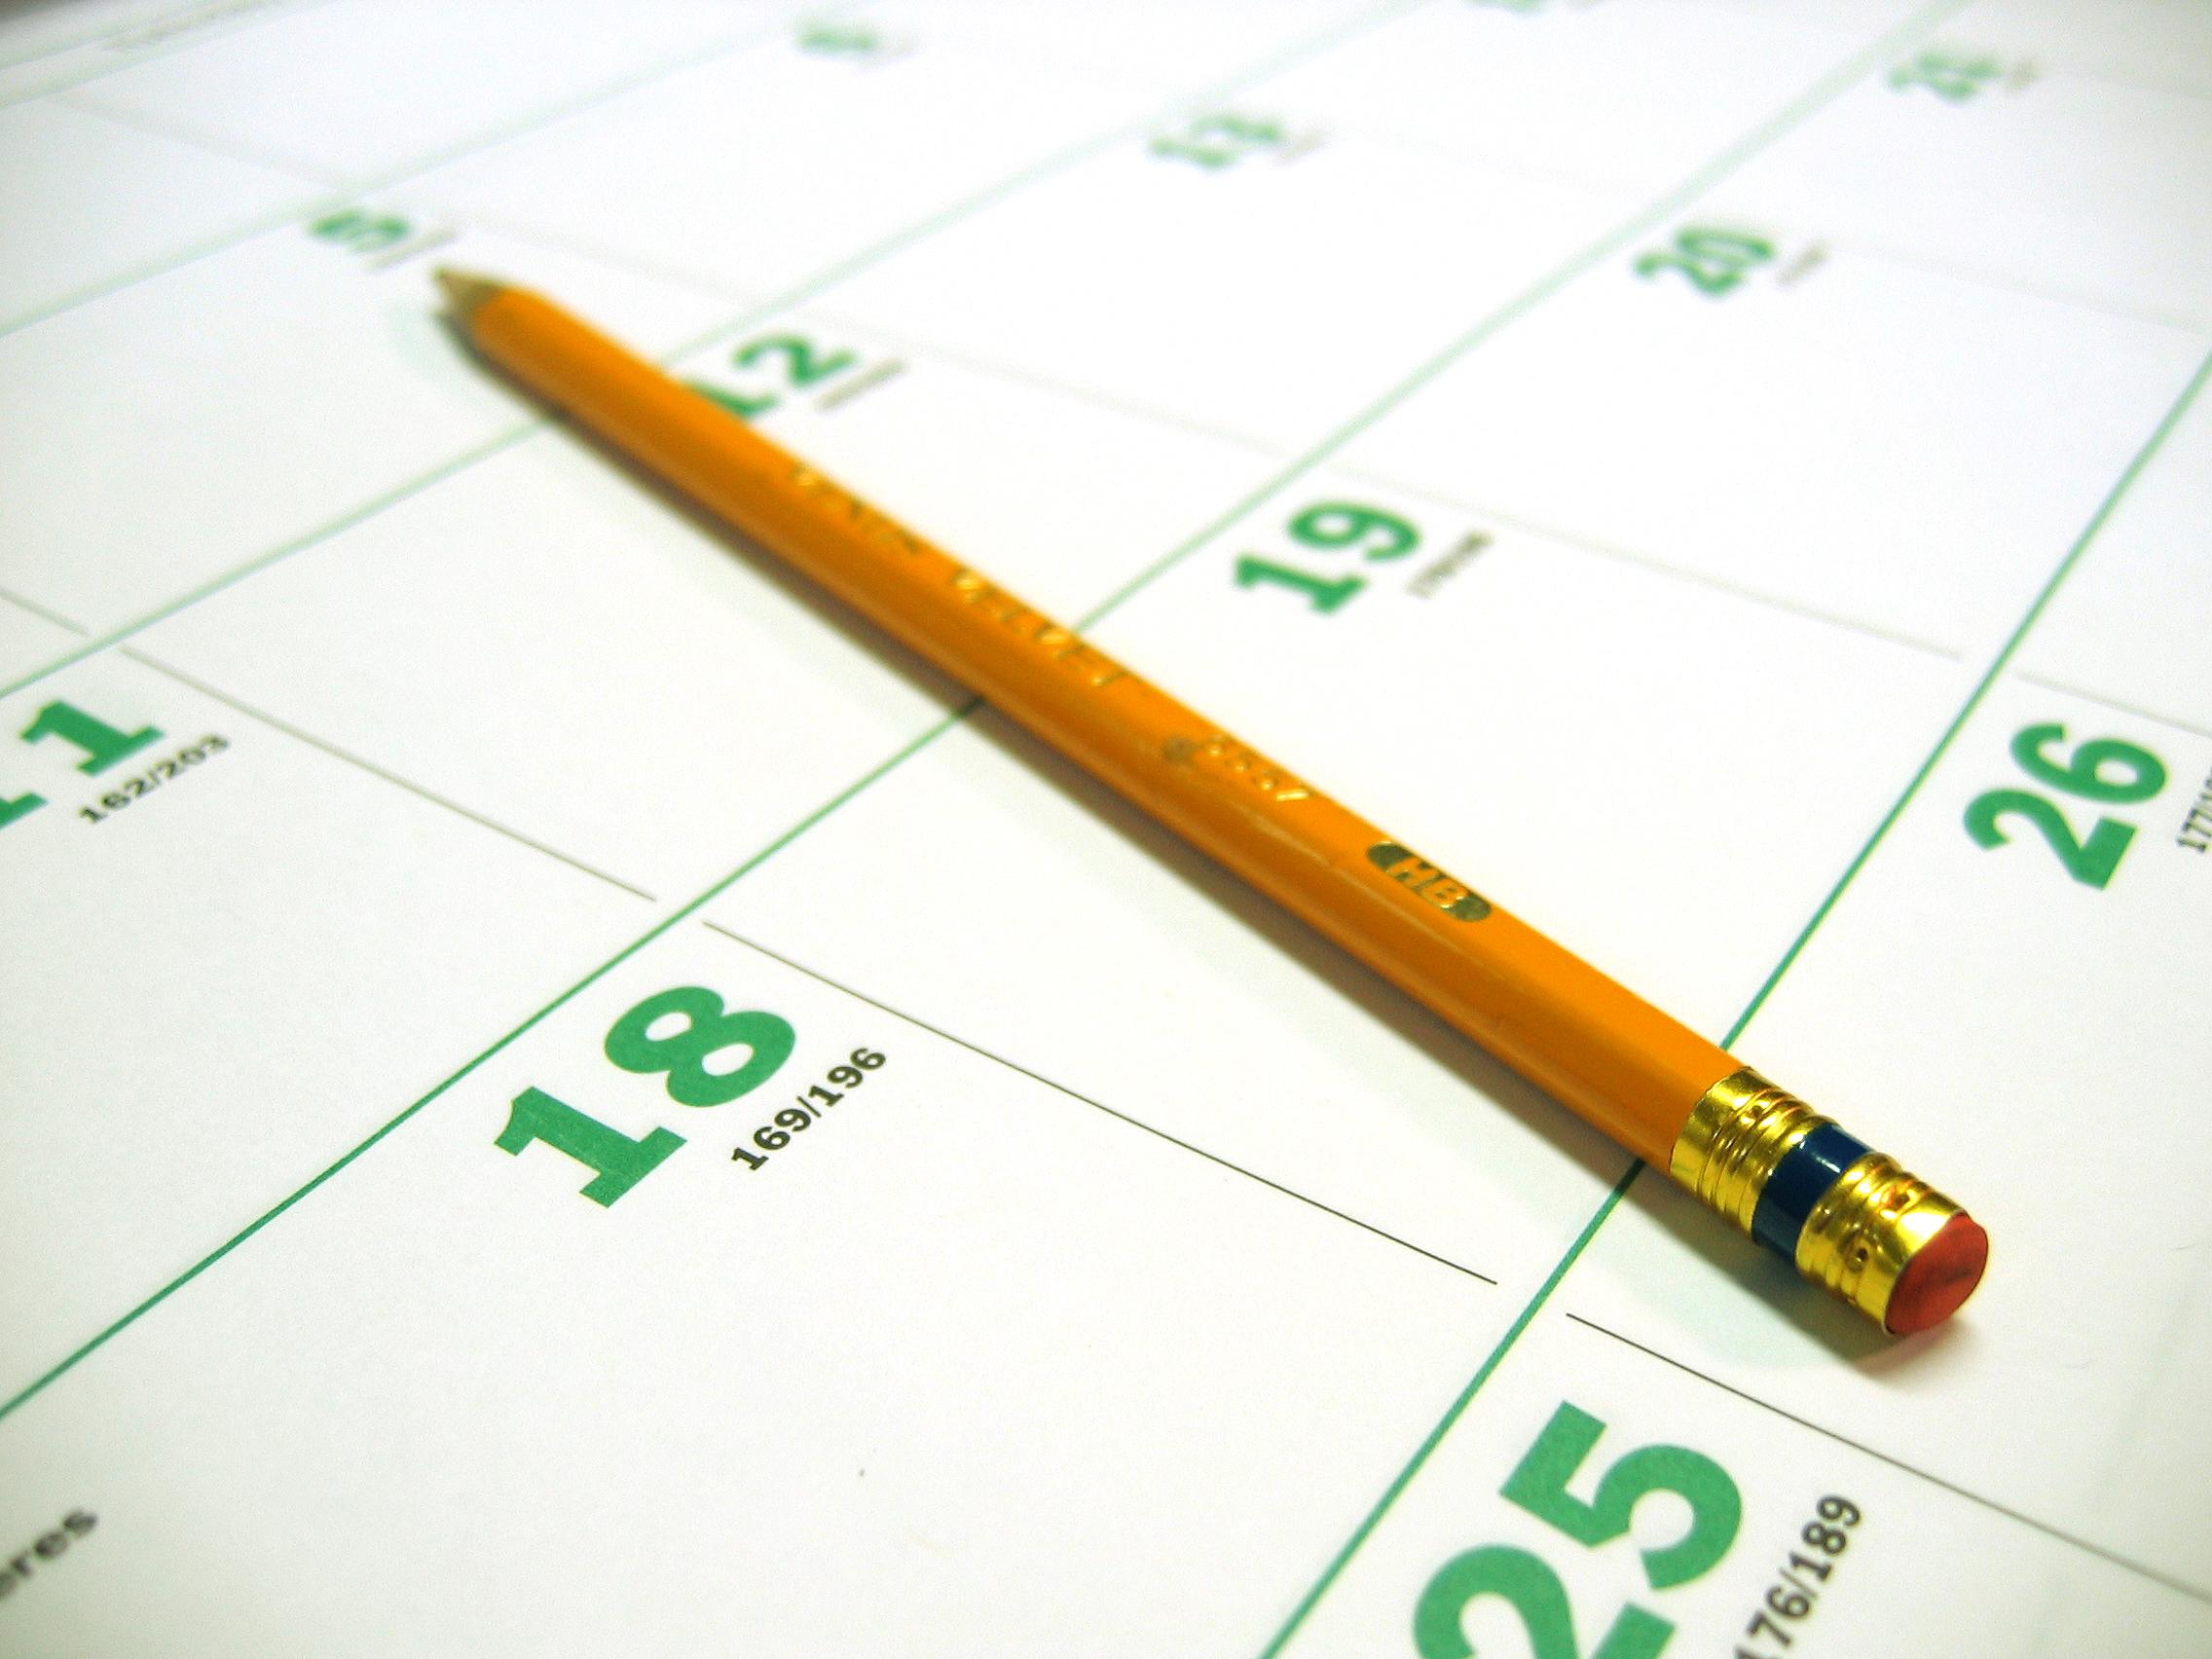 Tax calendar for SMEs: 2011-12